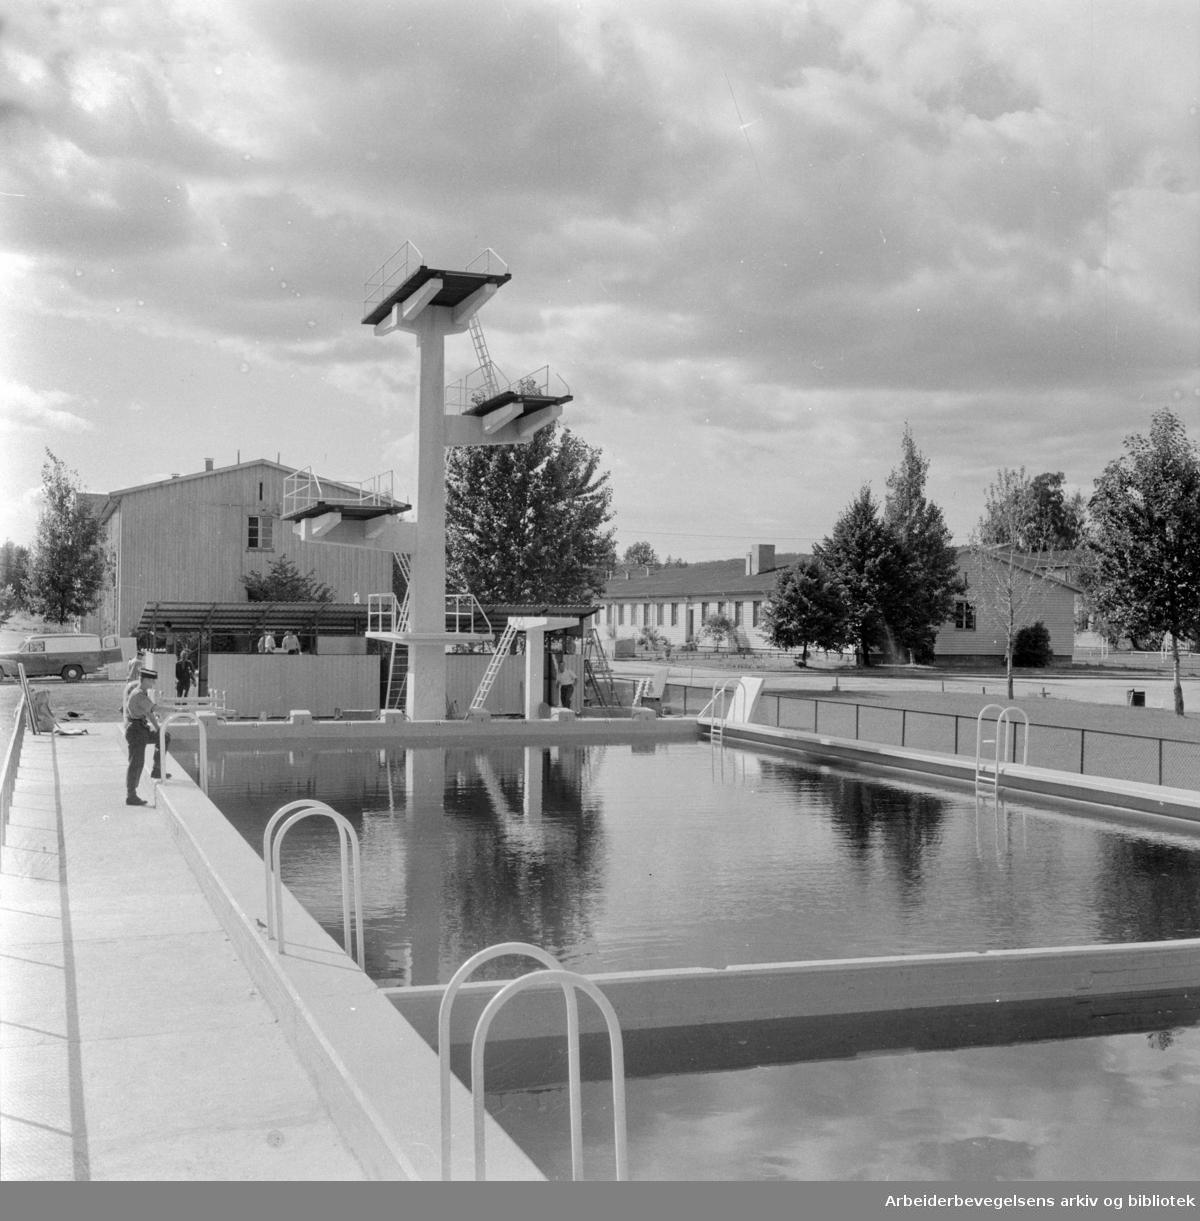 Husebyleiren. Gardens svømmebasseng. August 1957